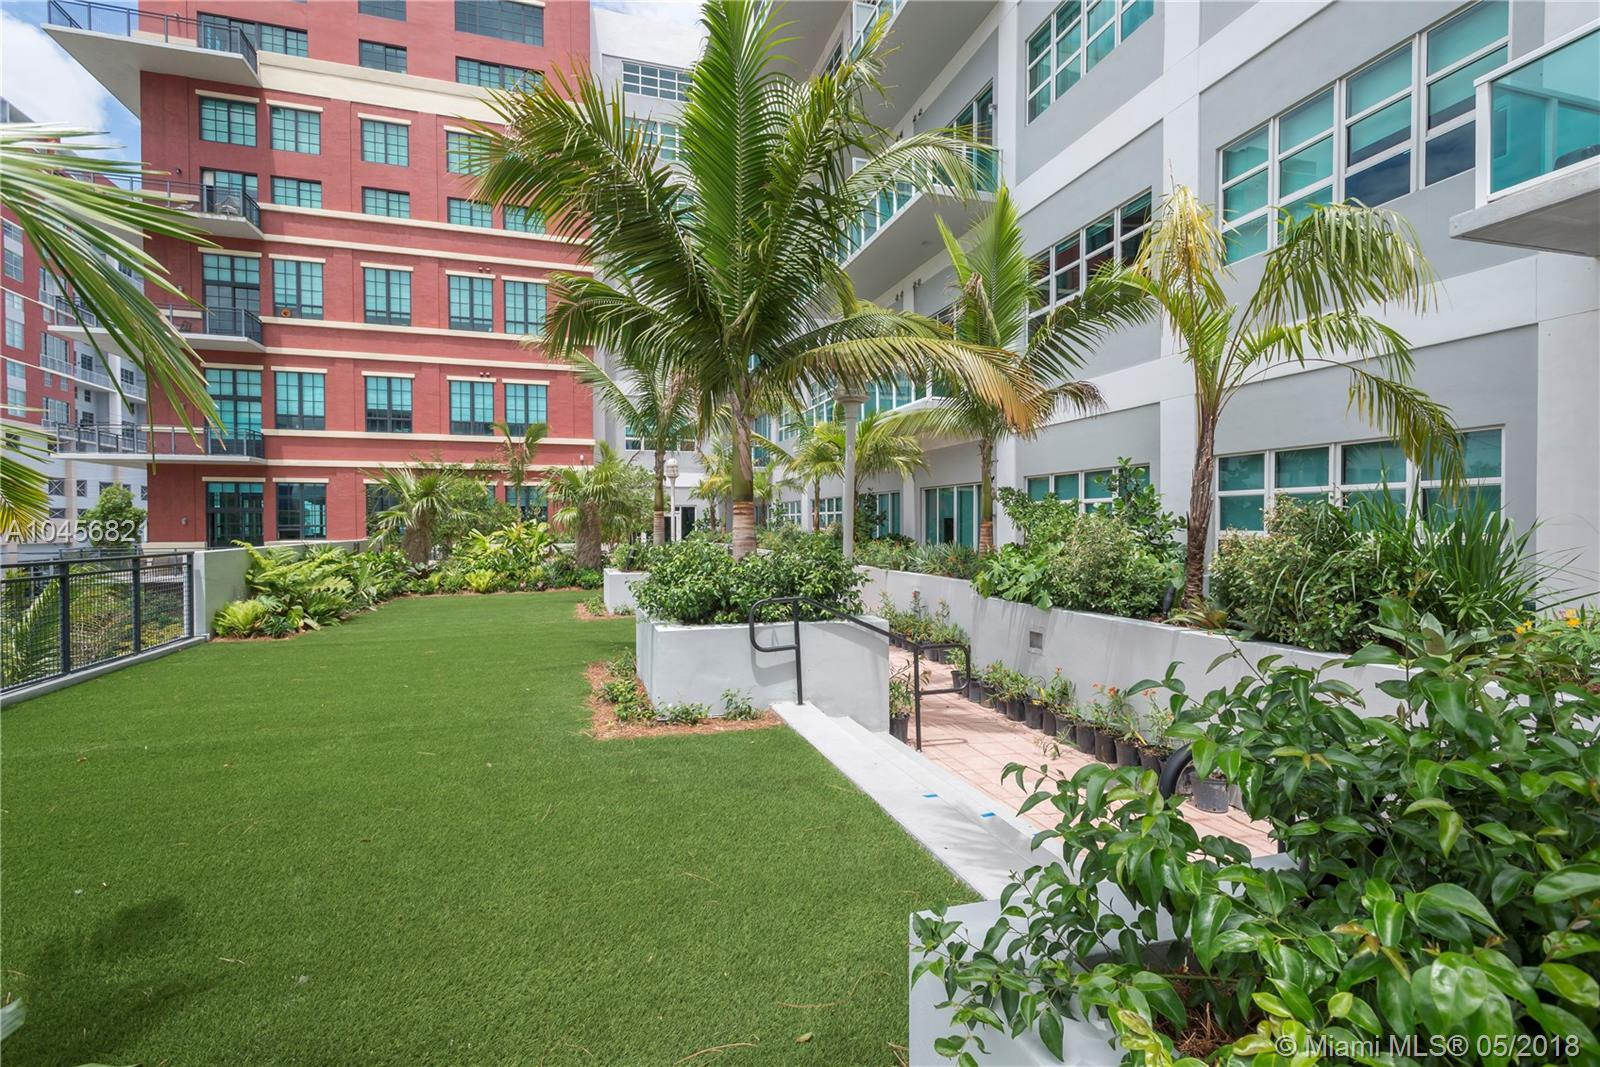 1749 Ne Miami Ct. #502, Miami FL, 33132